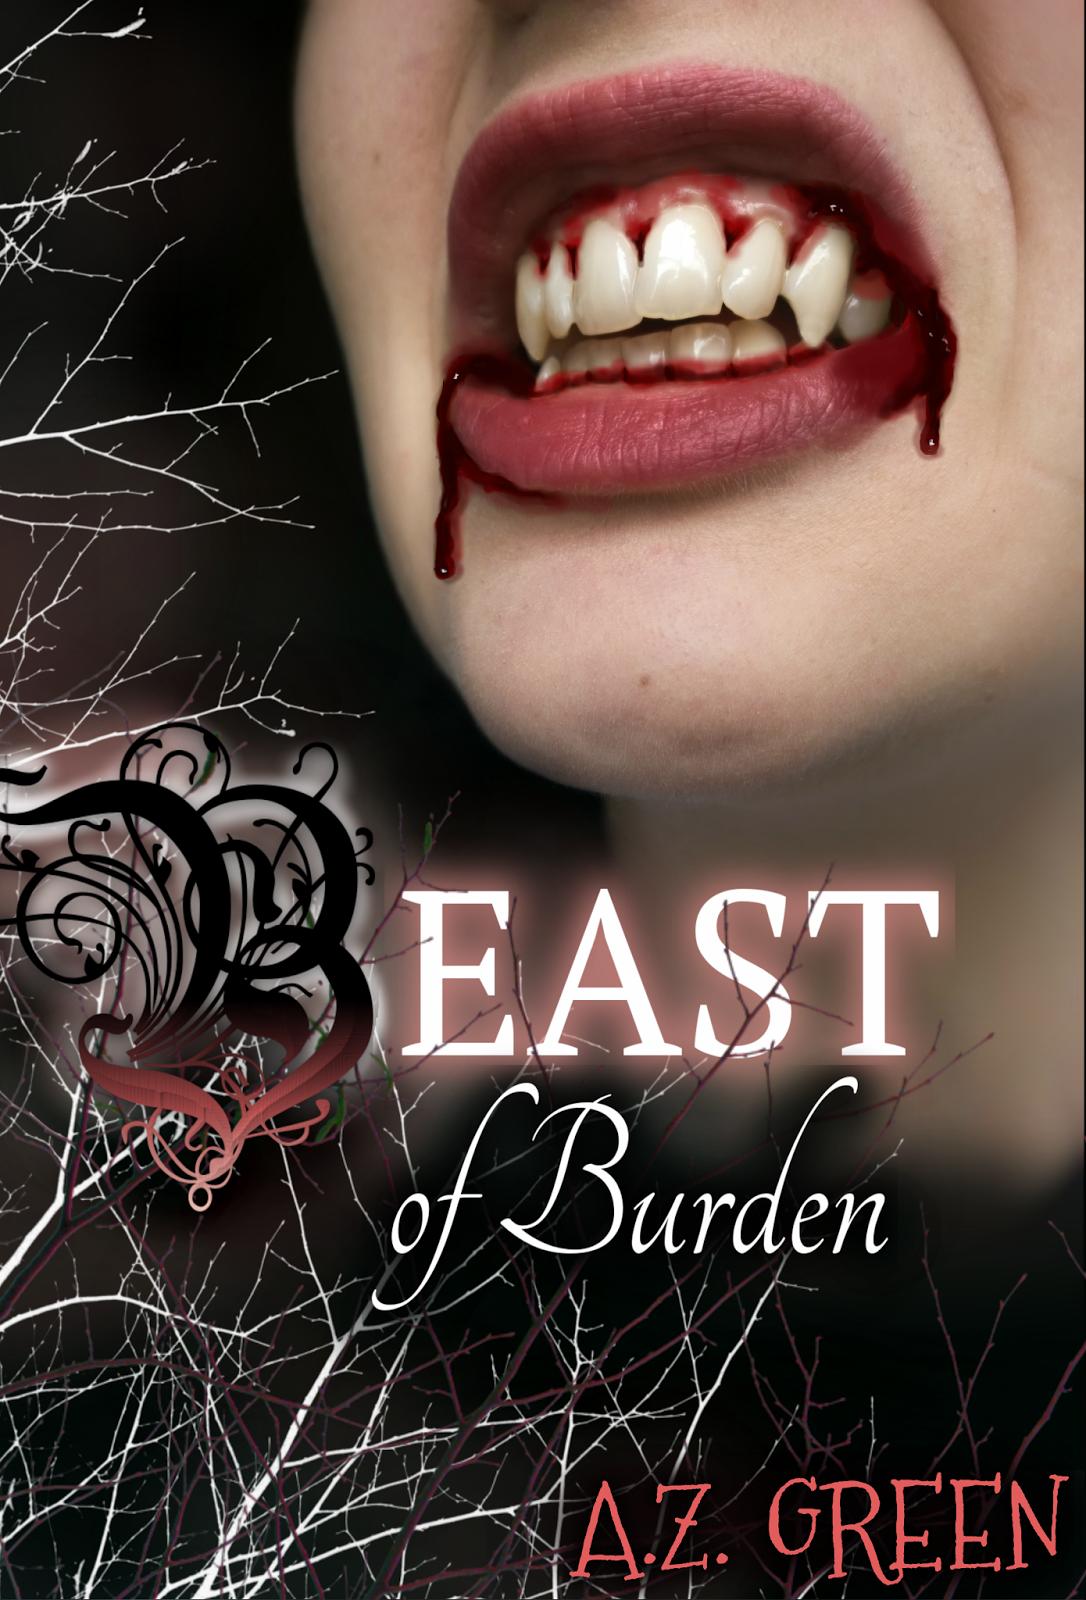 http://www.amazon.com/Beast-Burden-Hidden-Blood-Book-ebook/dp/B00QBDTG32